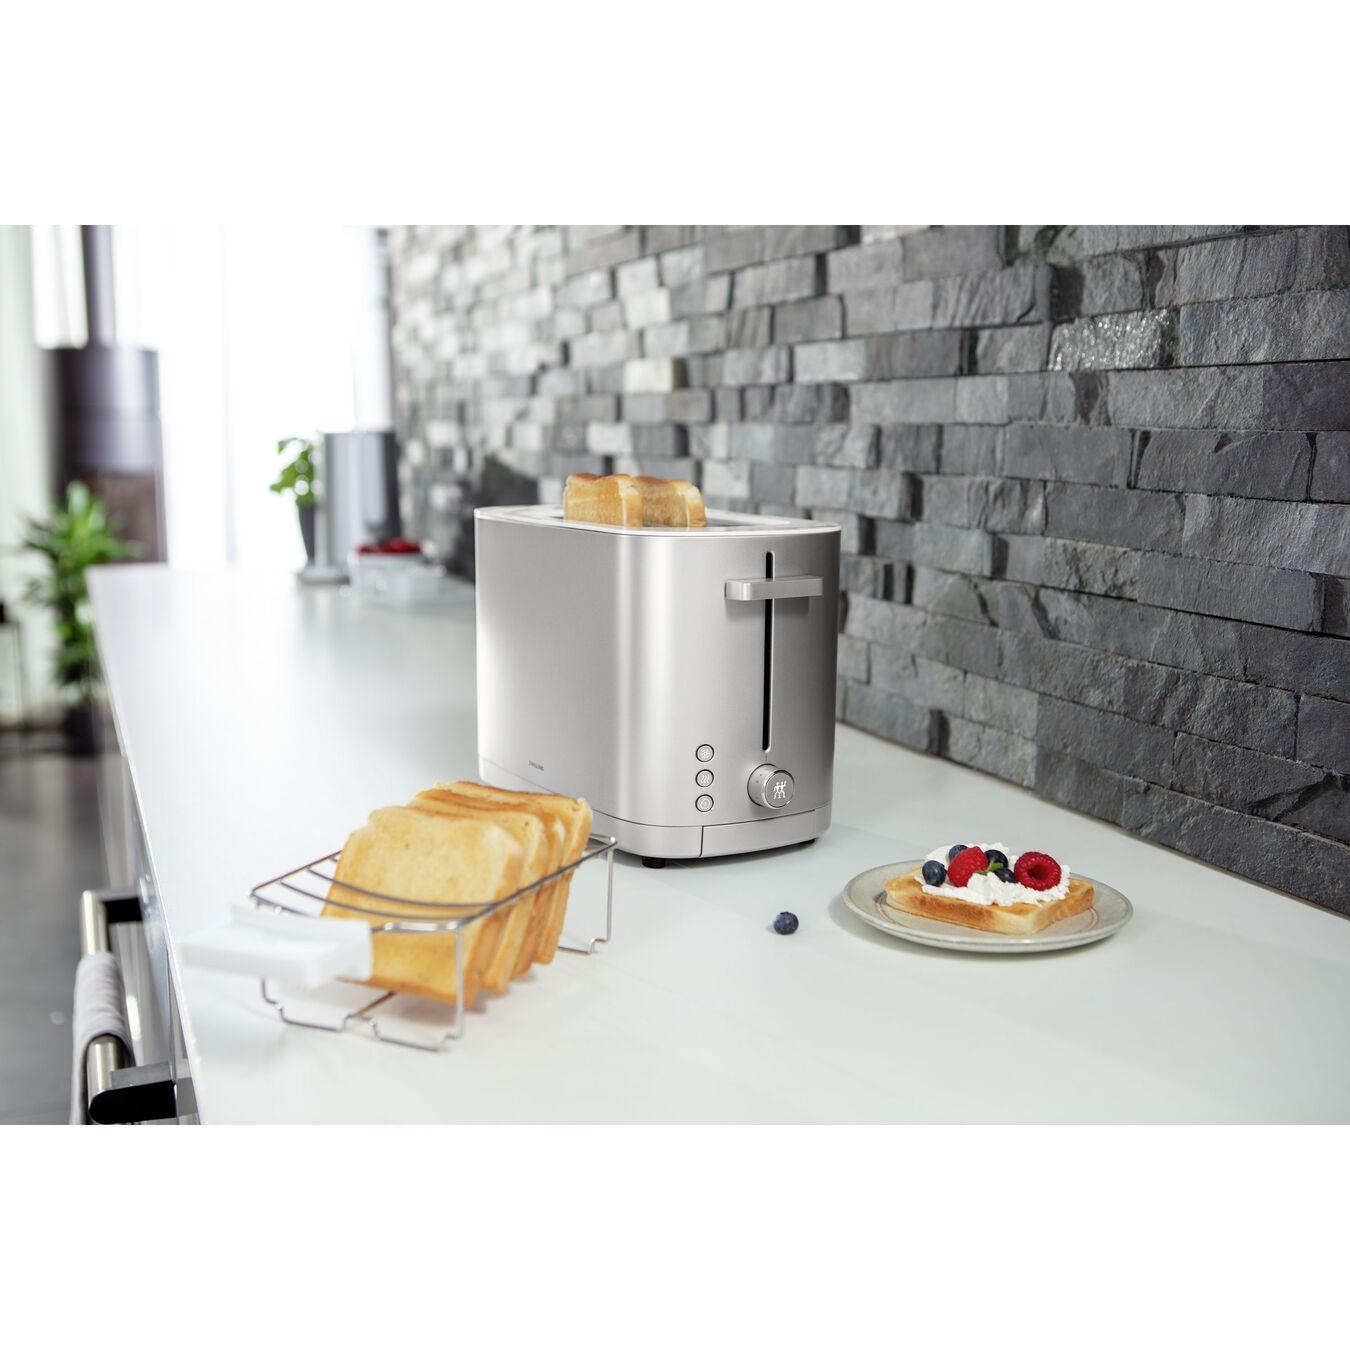 Grille pain Grille permettant de réchauffer des petits-pains, 2 fentes 2 tranches, Argent,,large 2